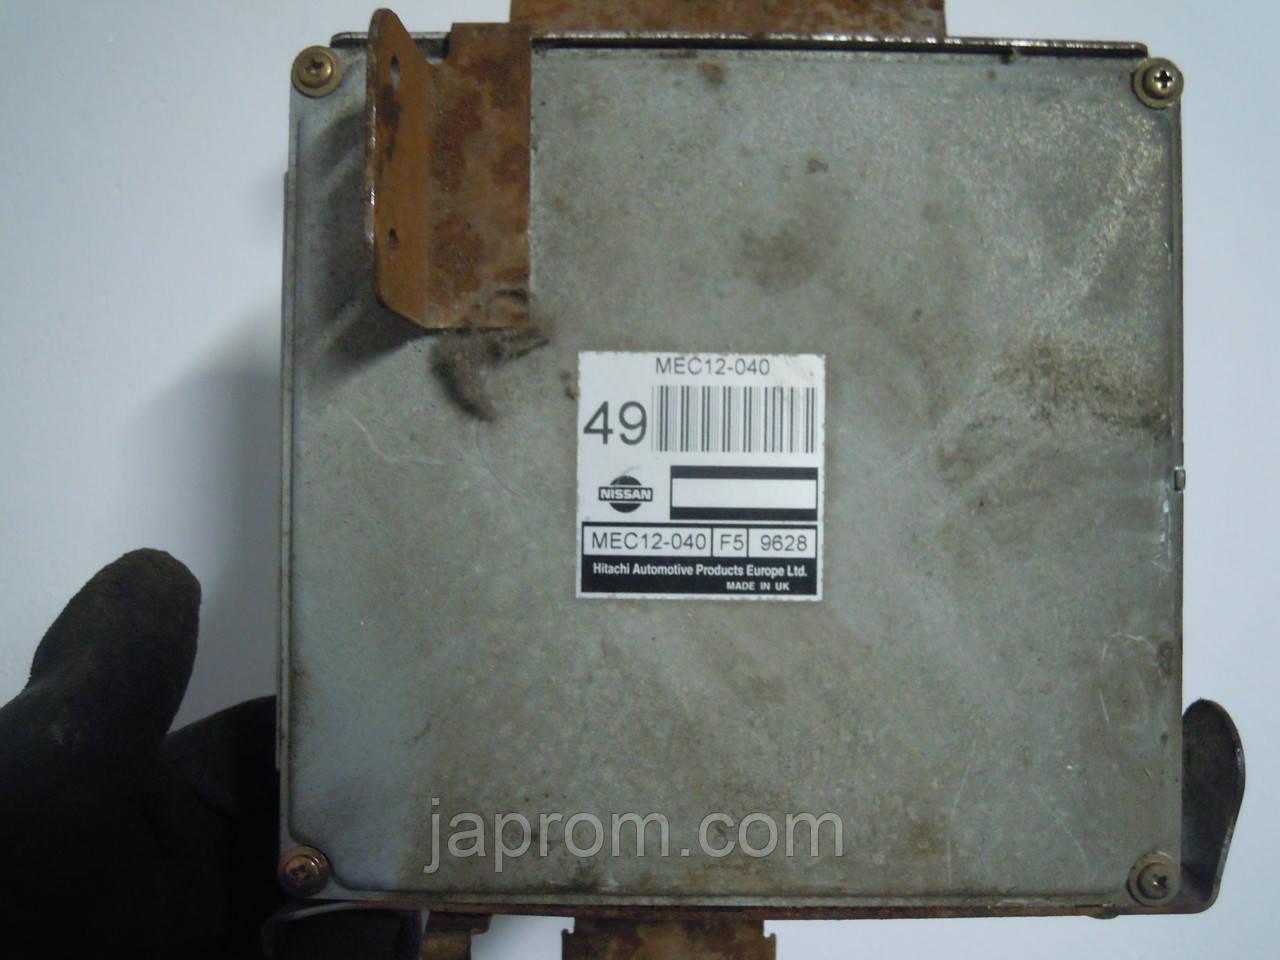 Блок управления двигателем Nissan Primera P11 1999-2002.в  2,0 бензин РЕСТАЙЛ MEC12-040